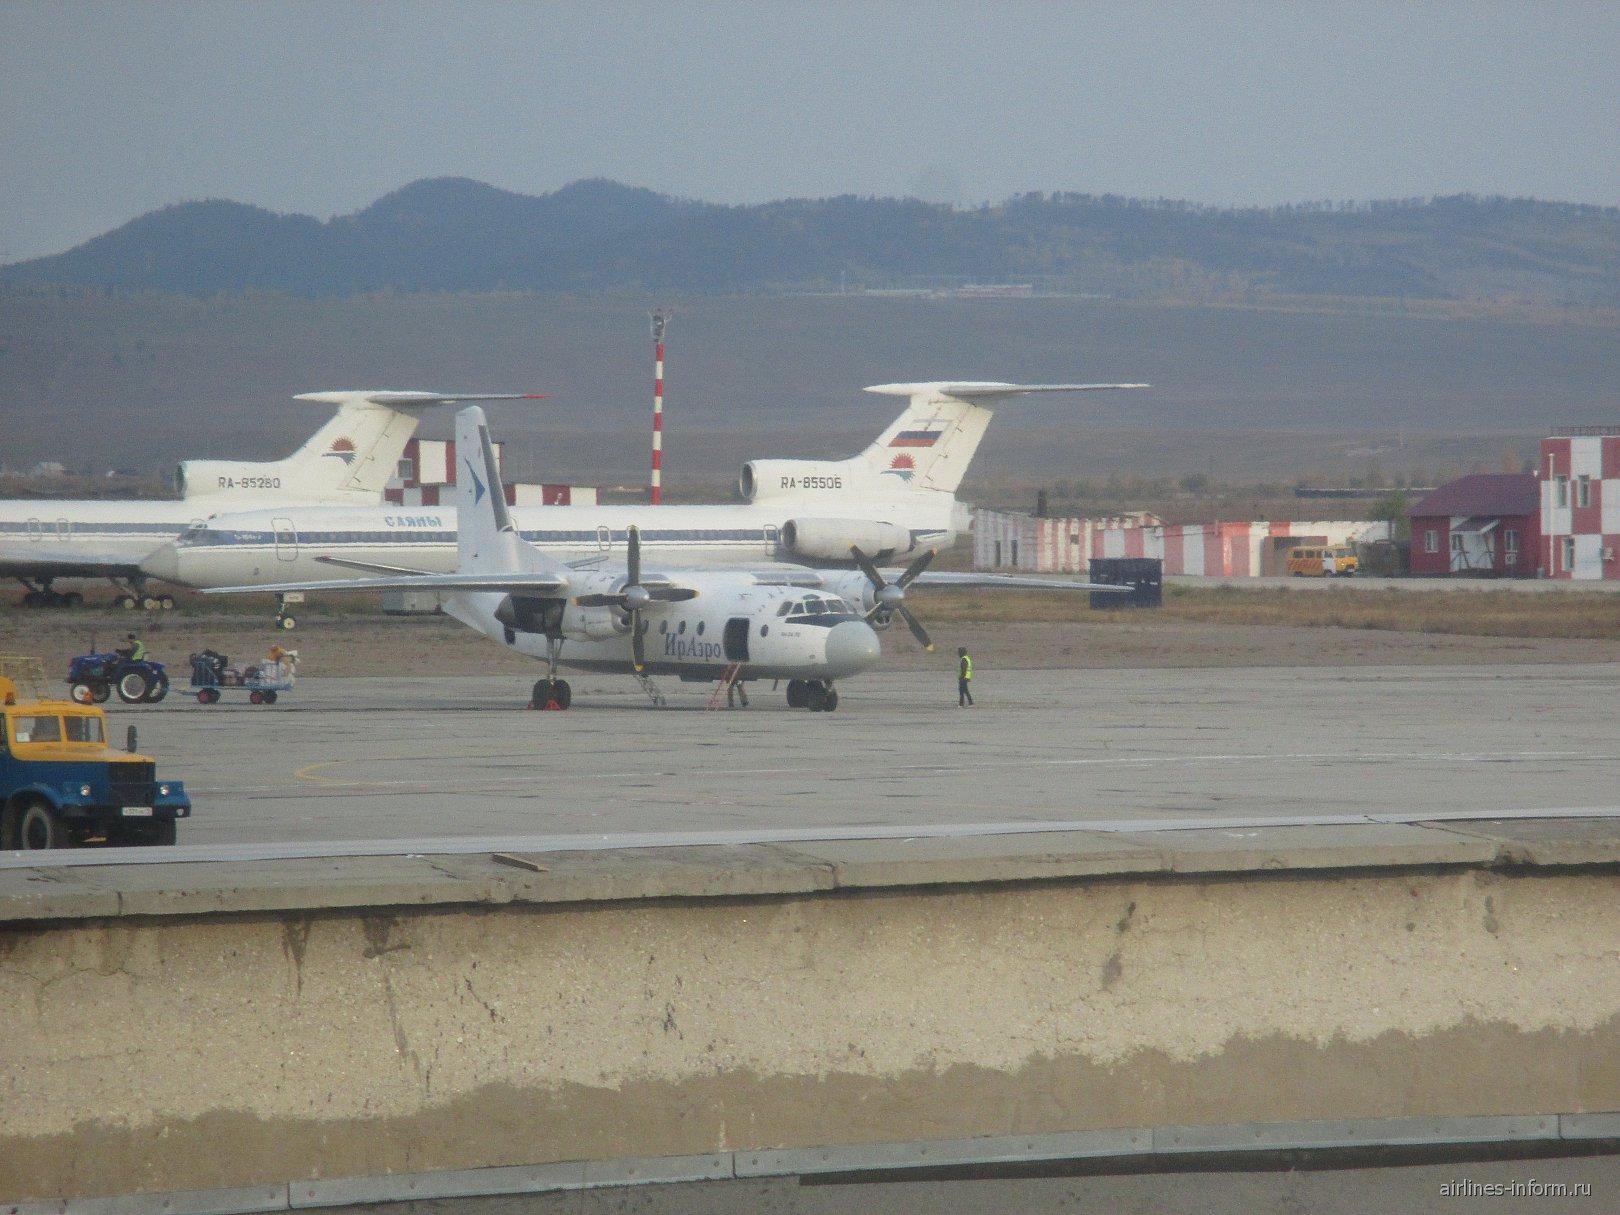 Летное поле аэропорта Чита Кадала